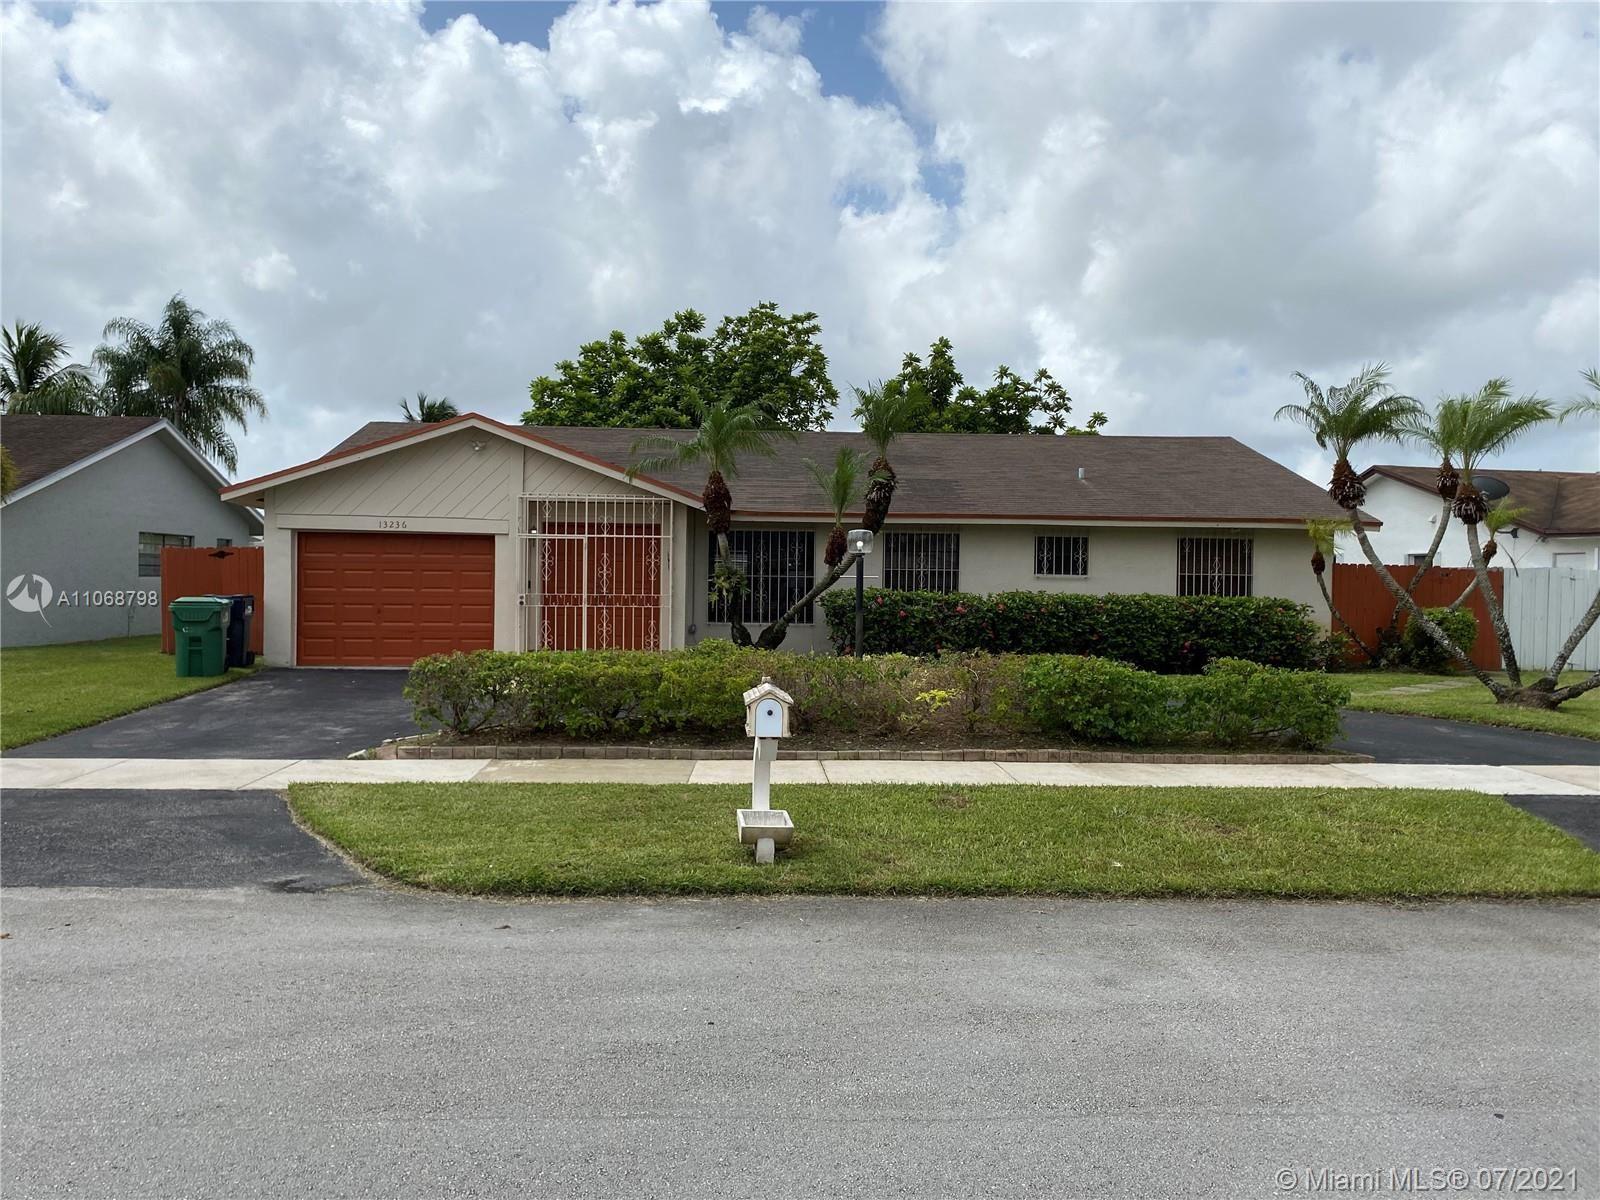 13236 SW 46th Ln, Miami, FL 33175 - #: A11068798